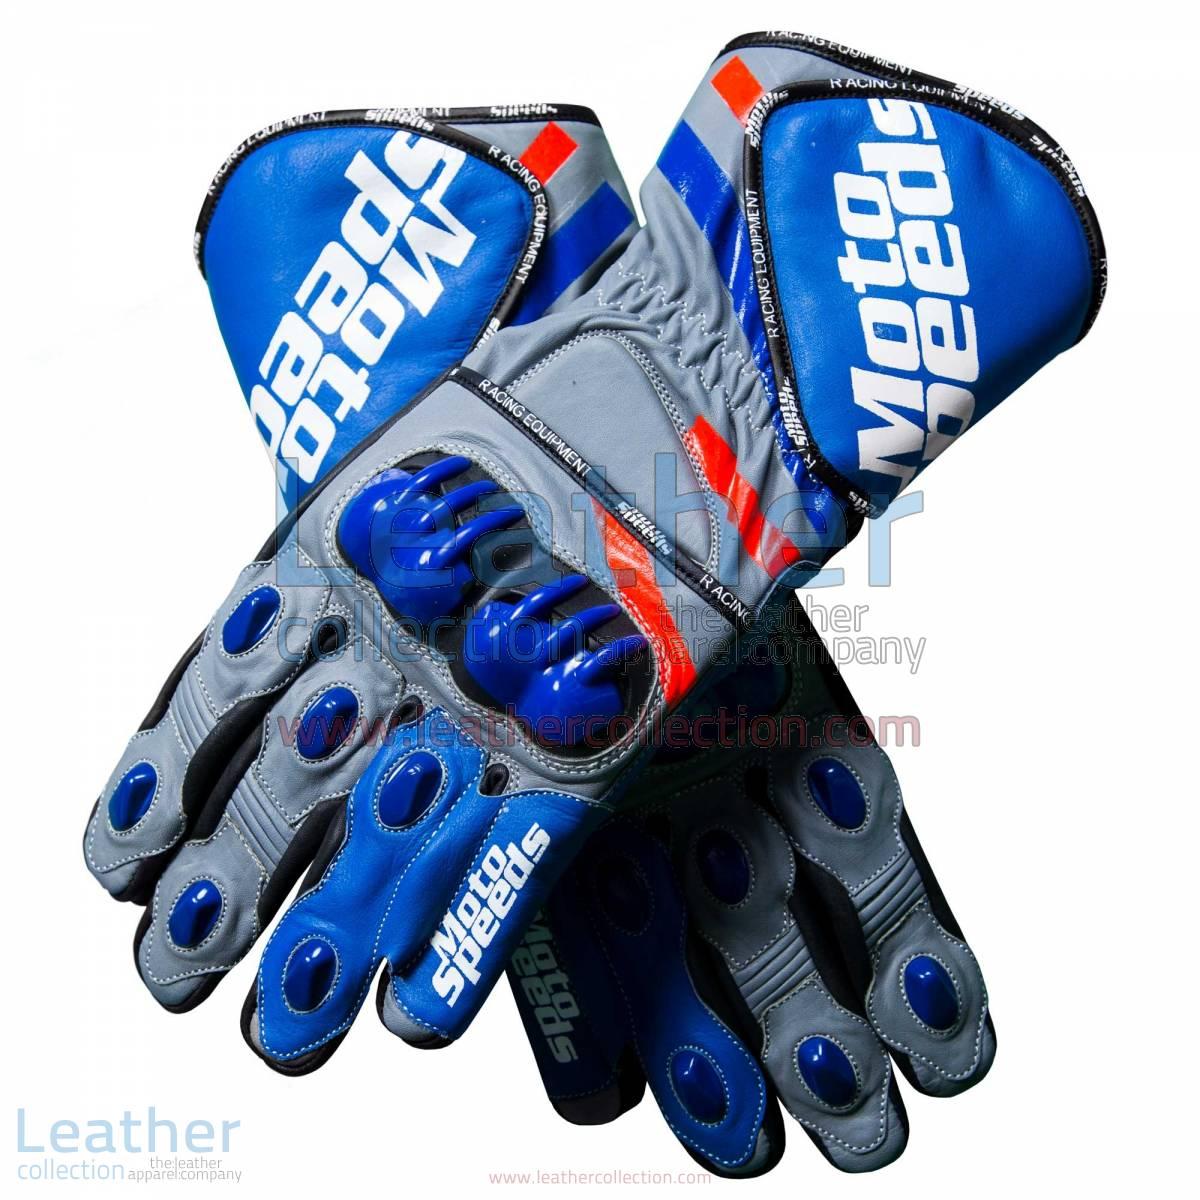 Andrea Dovizioso MotoGP 2018 Leather Gloves | Andrea Dovizioso MotoGP 2018 Leather Gloves